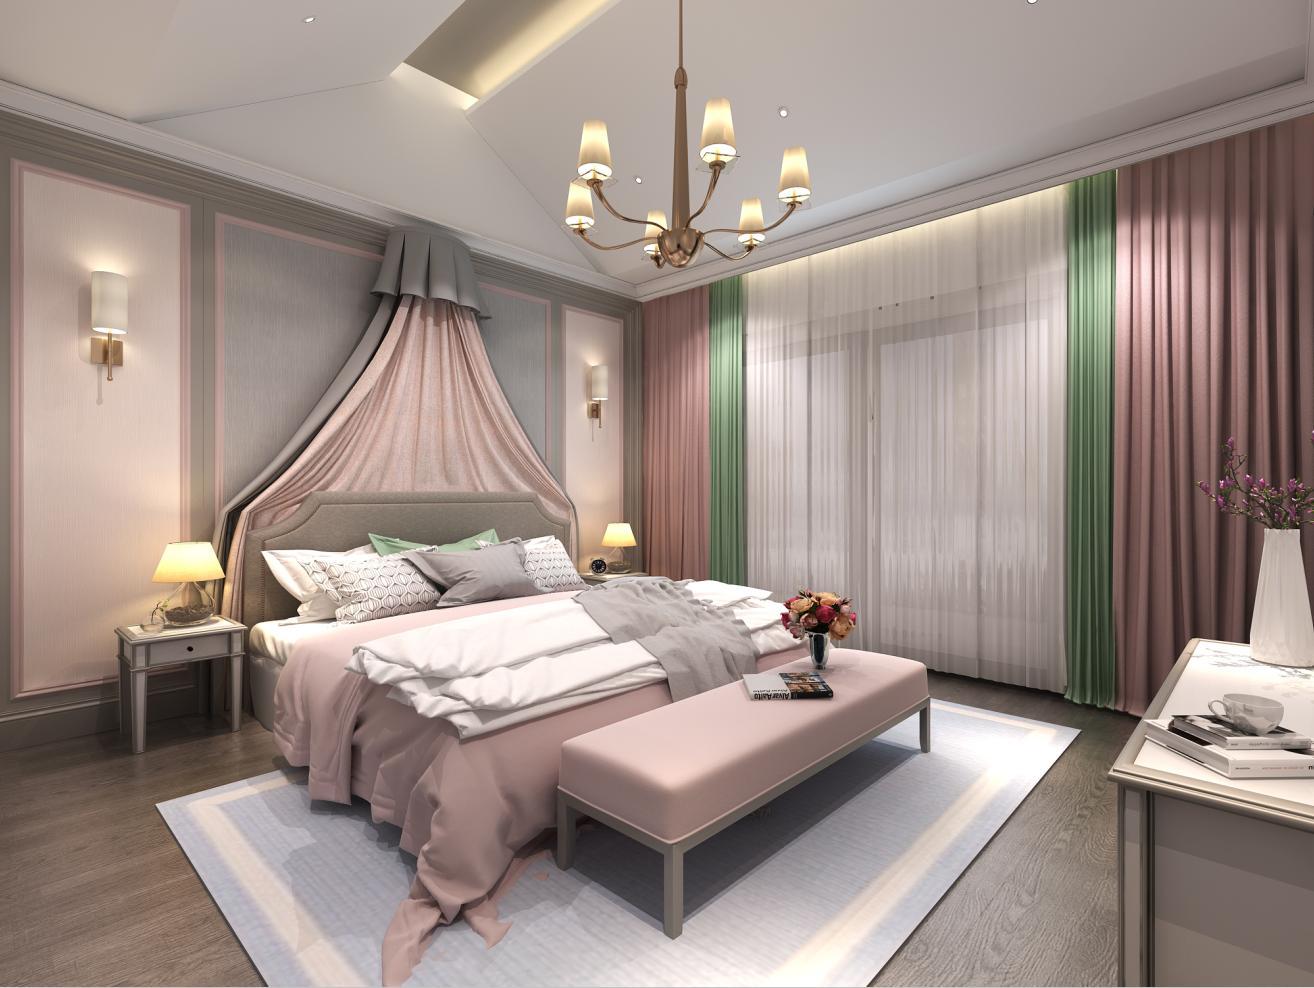 爱丽舍花园 联排别墅 简欧风格 腾龙设计 卧室图片来自腾龙设计在沈韬作品 爱丽舍花园联排别墅的分享